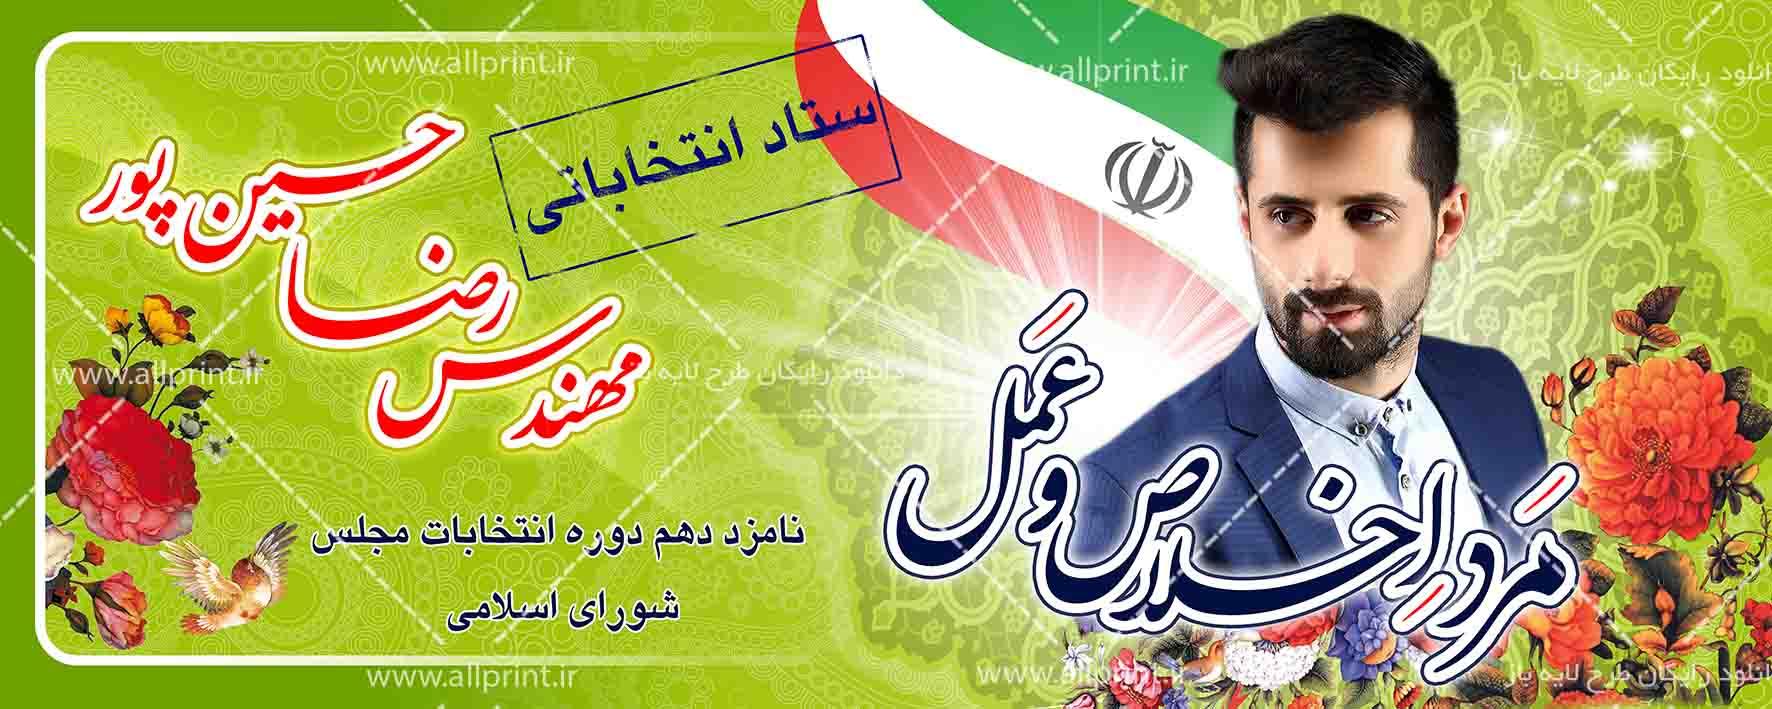 بنر لایه باز و رایگان انتخابات مجلس شورای اسلامی دهم